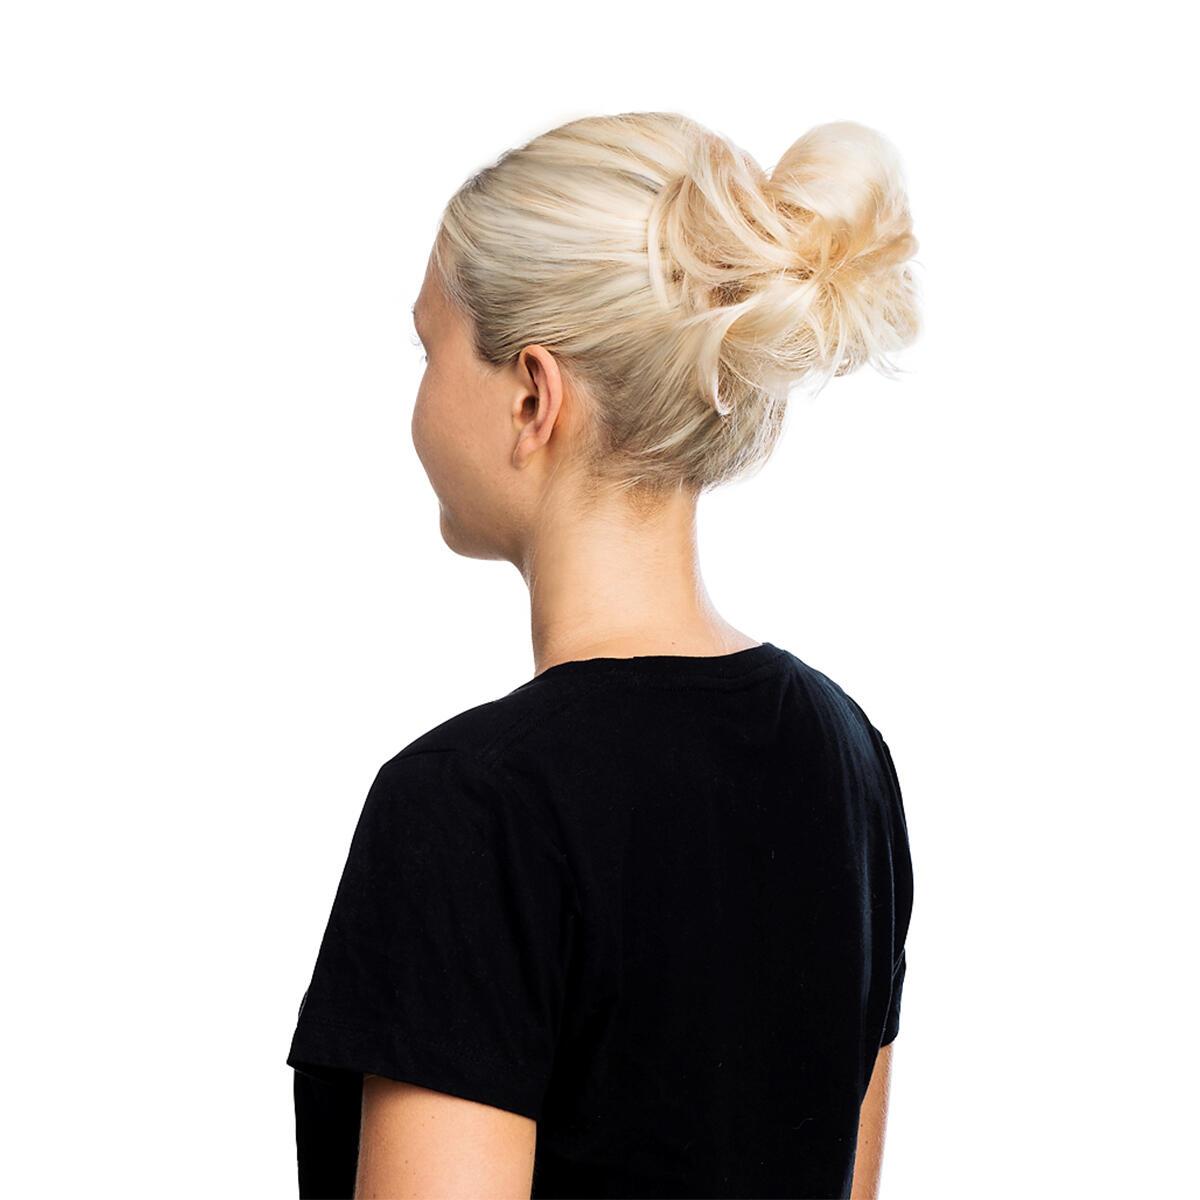 Volume Hair Scrunchie 40 G Scrunchie with real hair 8.0 Light Golden Blonde